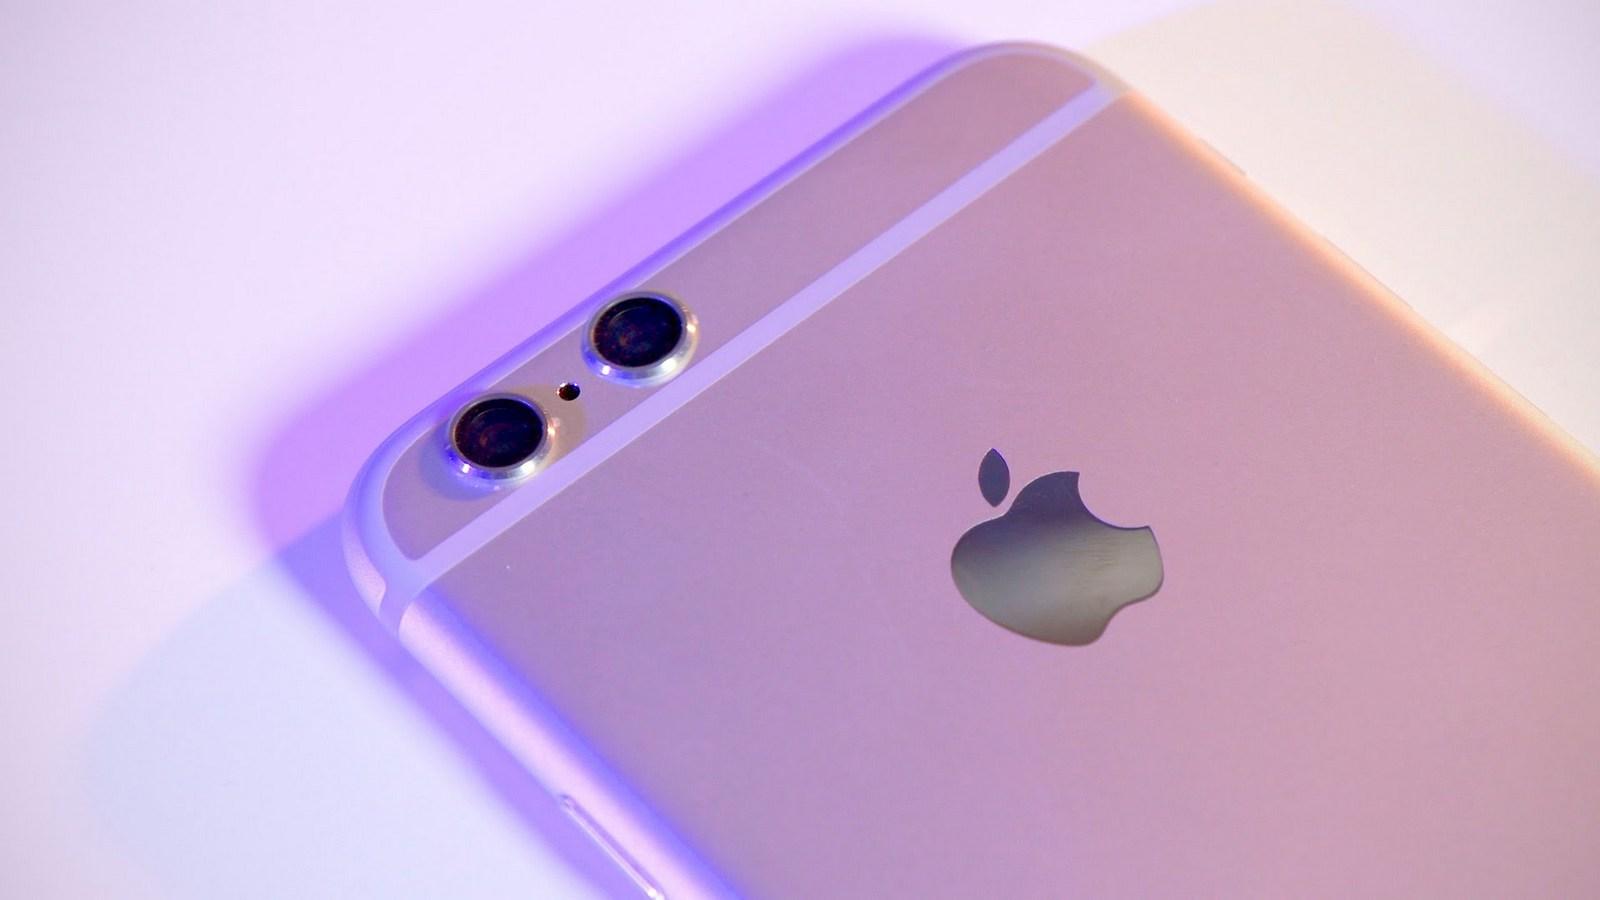 Работу двойной системы камер iPhone 7 показали на видео